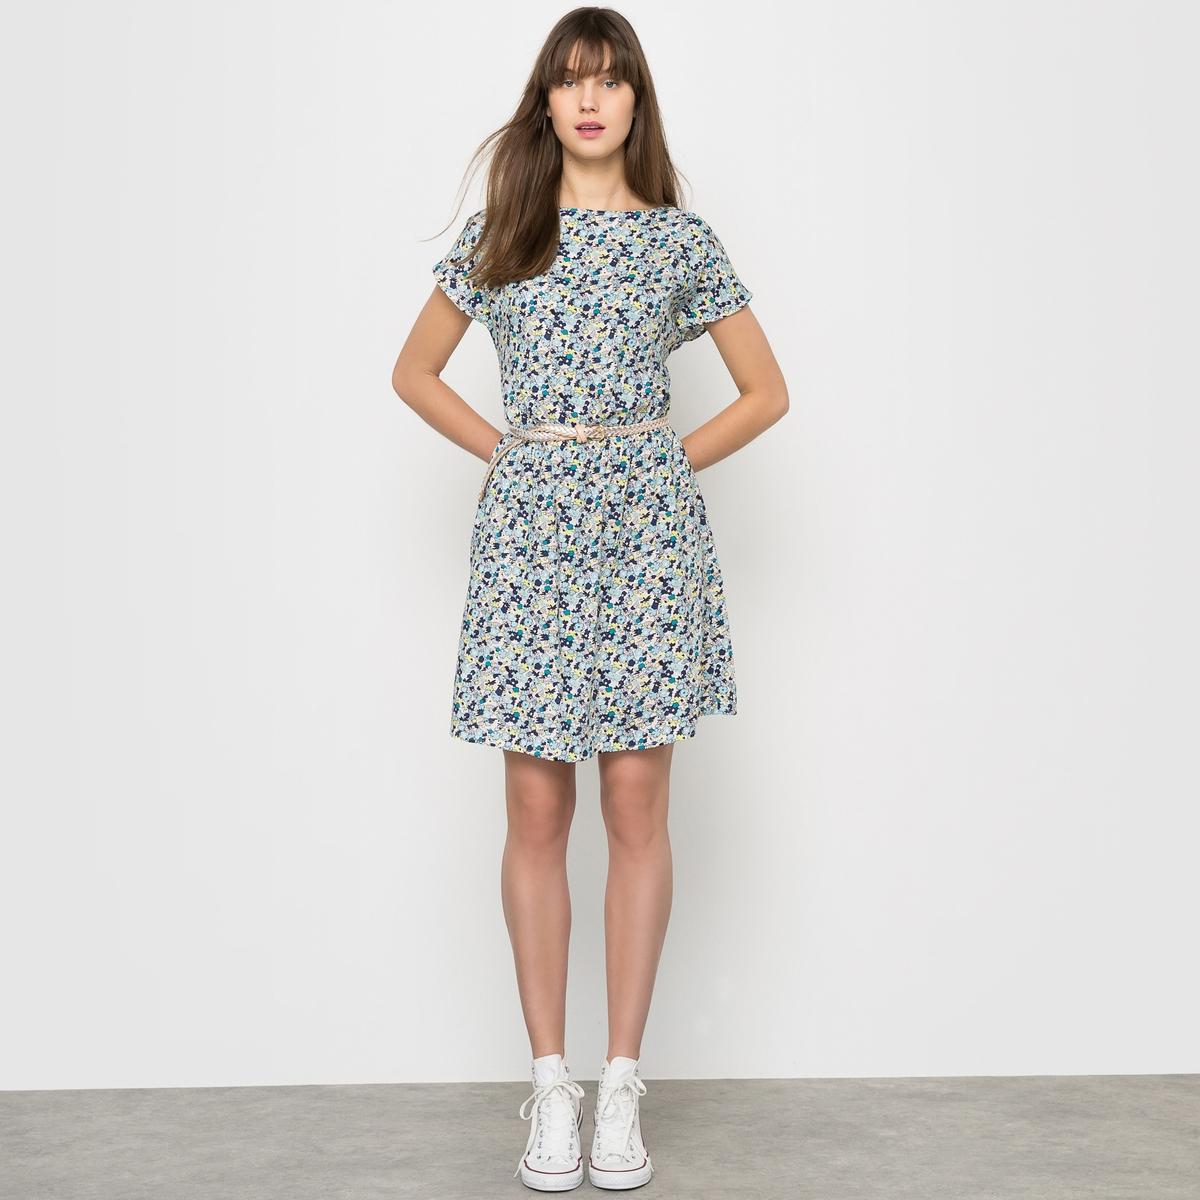 Платье короткое с цветочным рисункомСостав и характеристикиМатериал : 100% вискозыДлина : 92 смМарка : LES PETITS PRIX.УходМашинная стирка при 30°<br><br>Цвет: набивной рисунок<br>Размер: 44 (FR) - 50 (RUS)